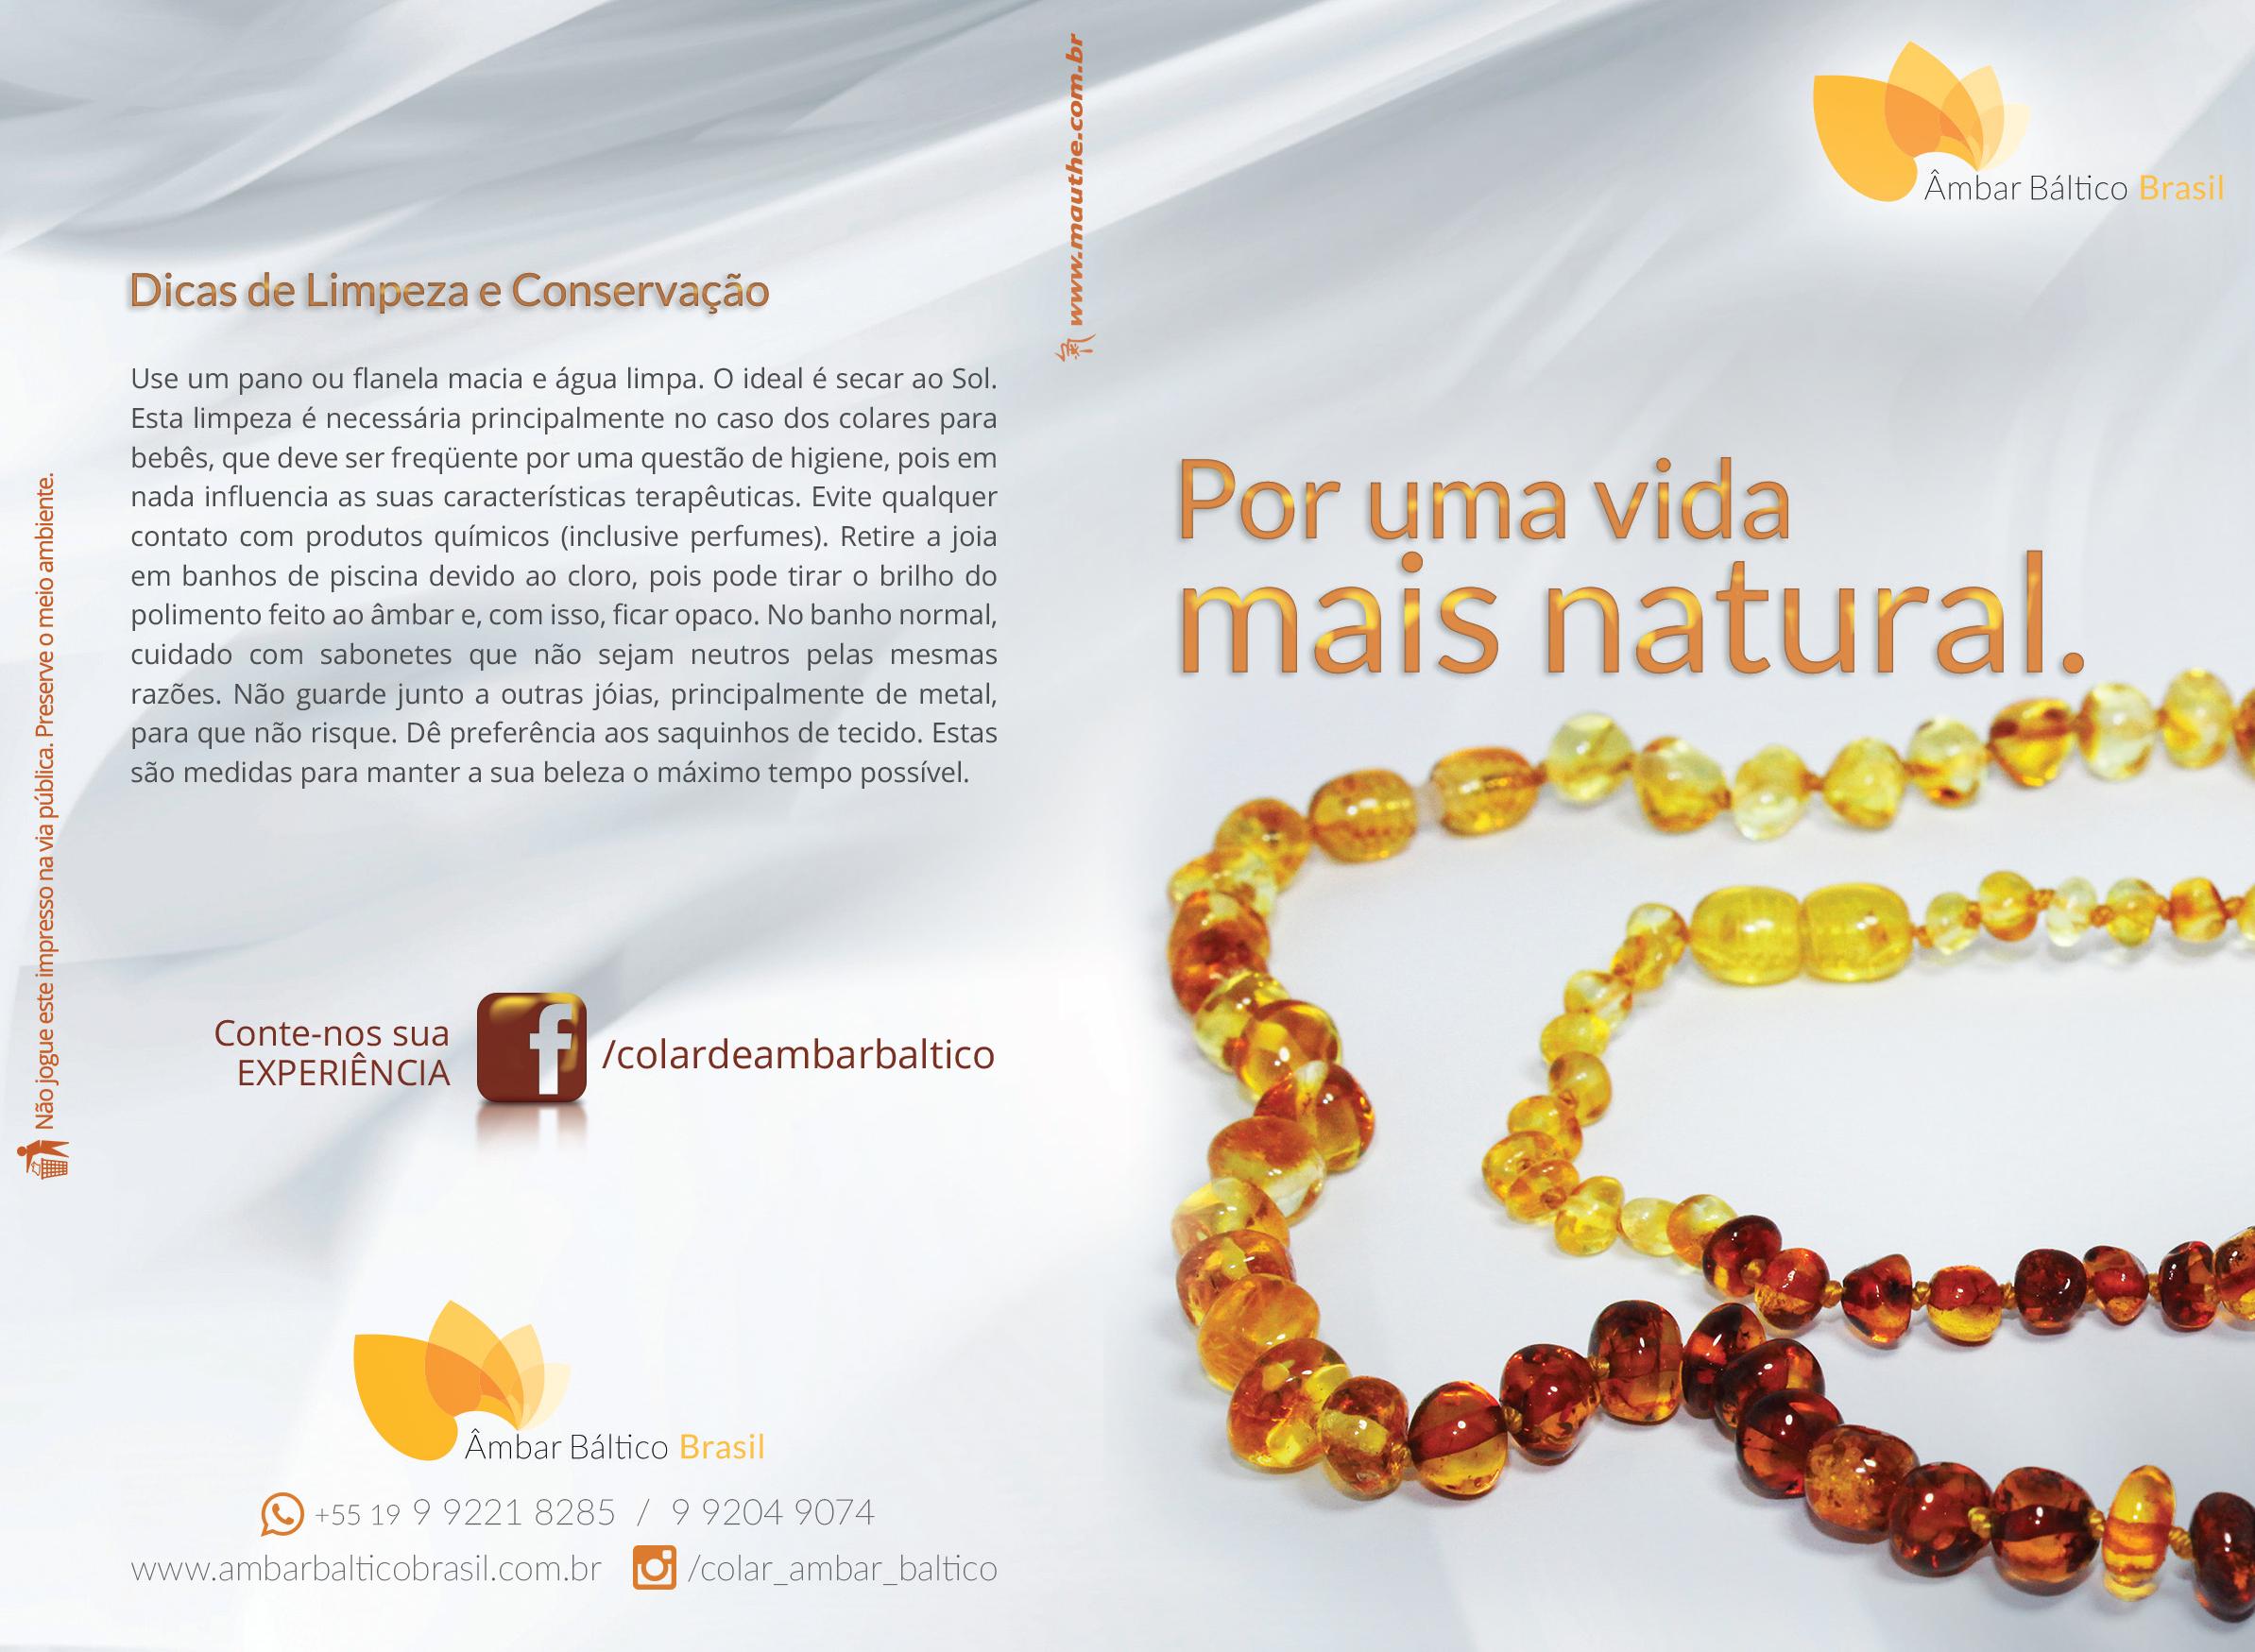 Folder Âmbar Báltico Brasil